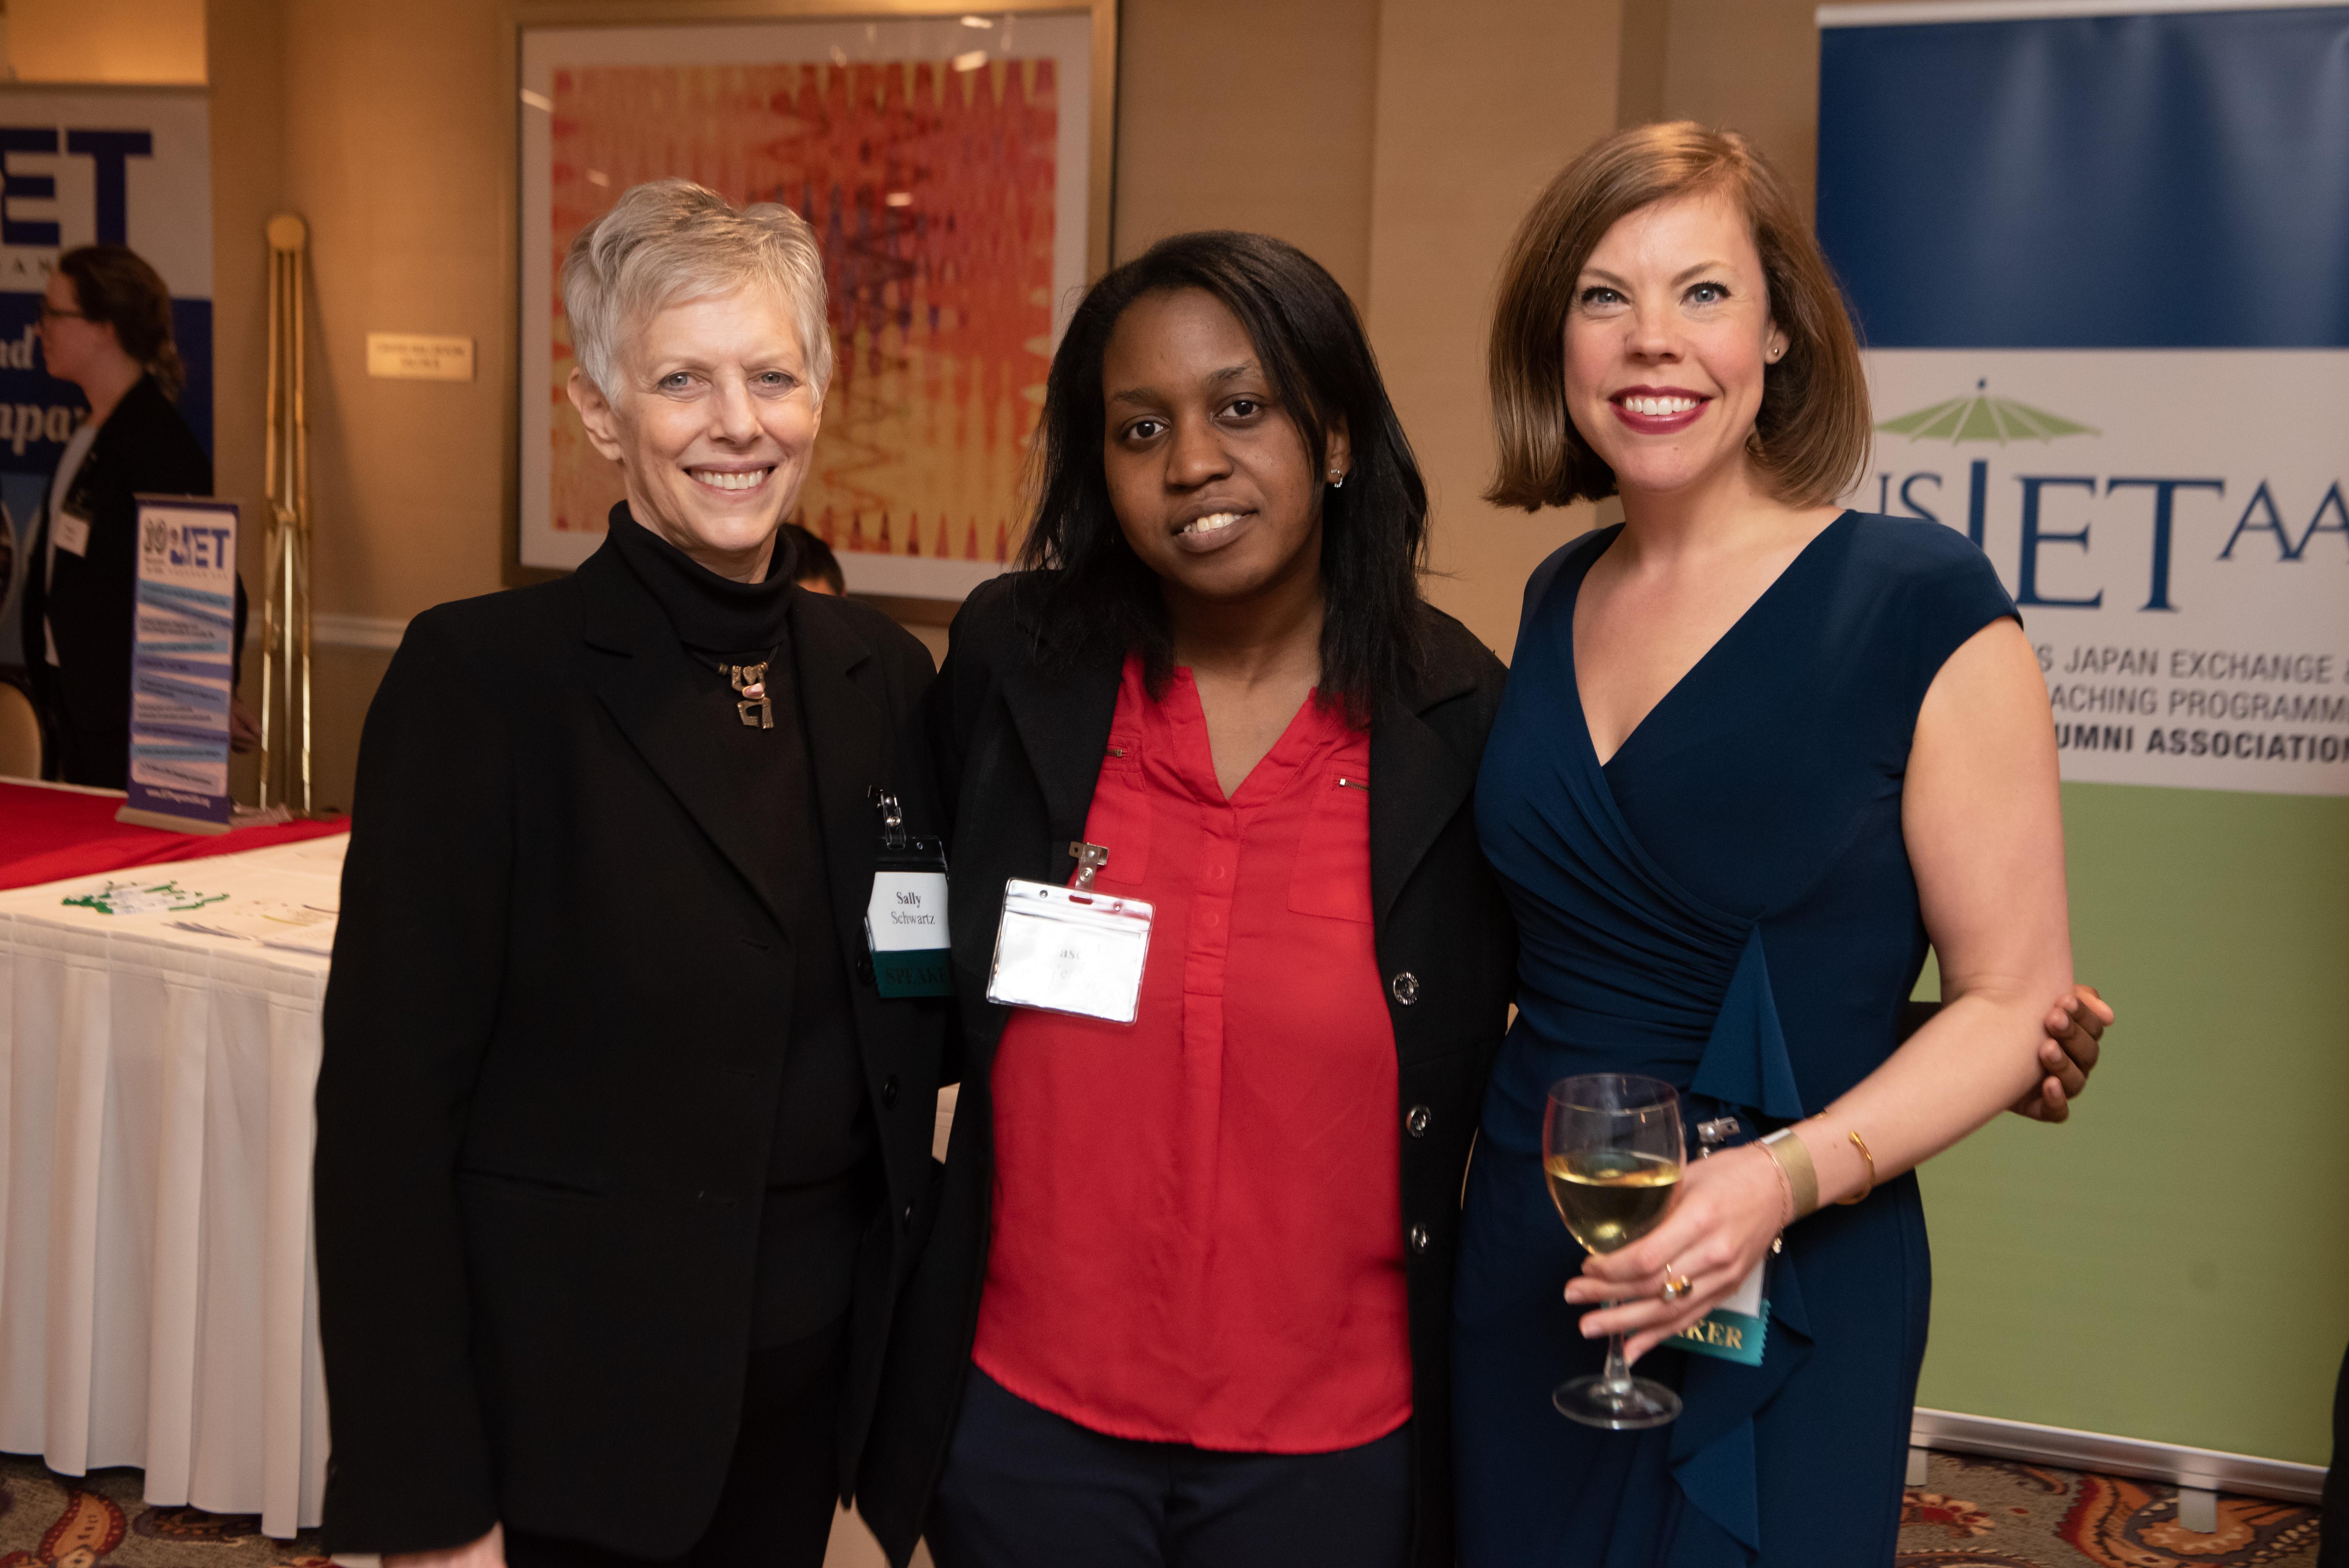 Sally Schwartz (Globalize DC), Casey Nealy (USJETAA), and Liz Brailsford (WACA)